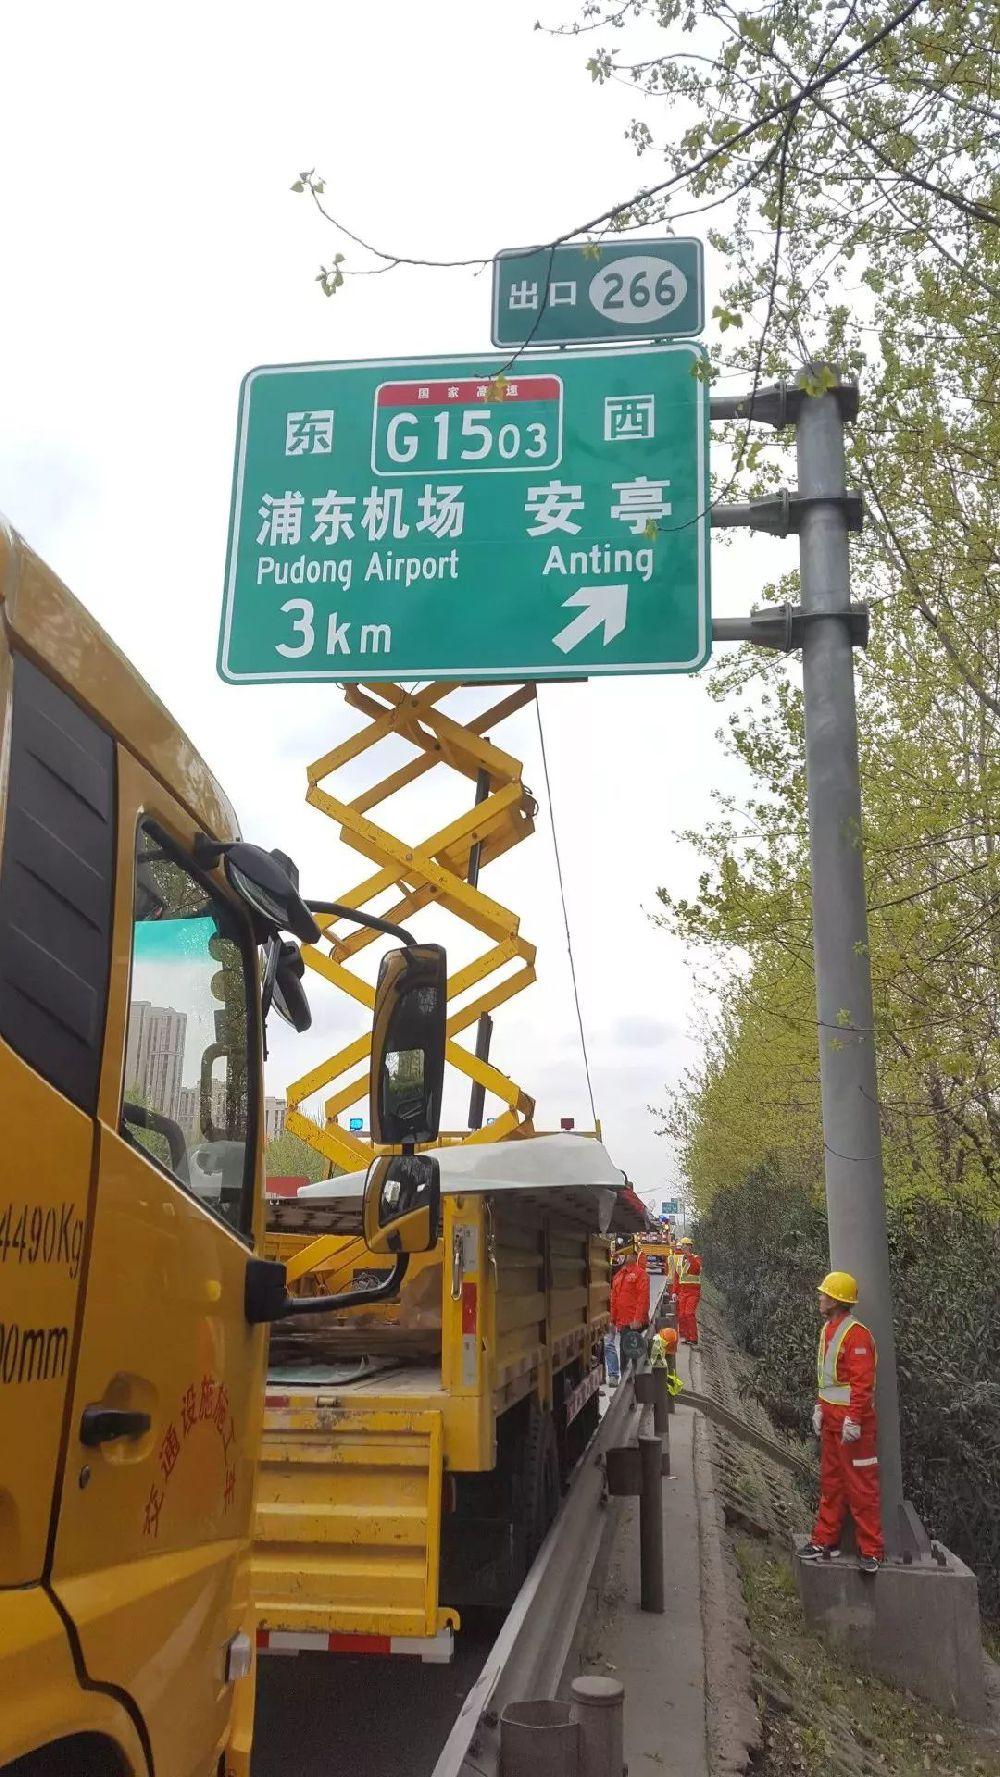 上海绕城高速公路正式更名G1503 发现旧标志可反映